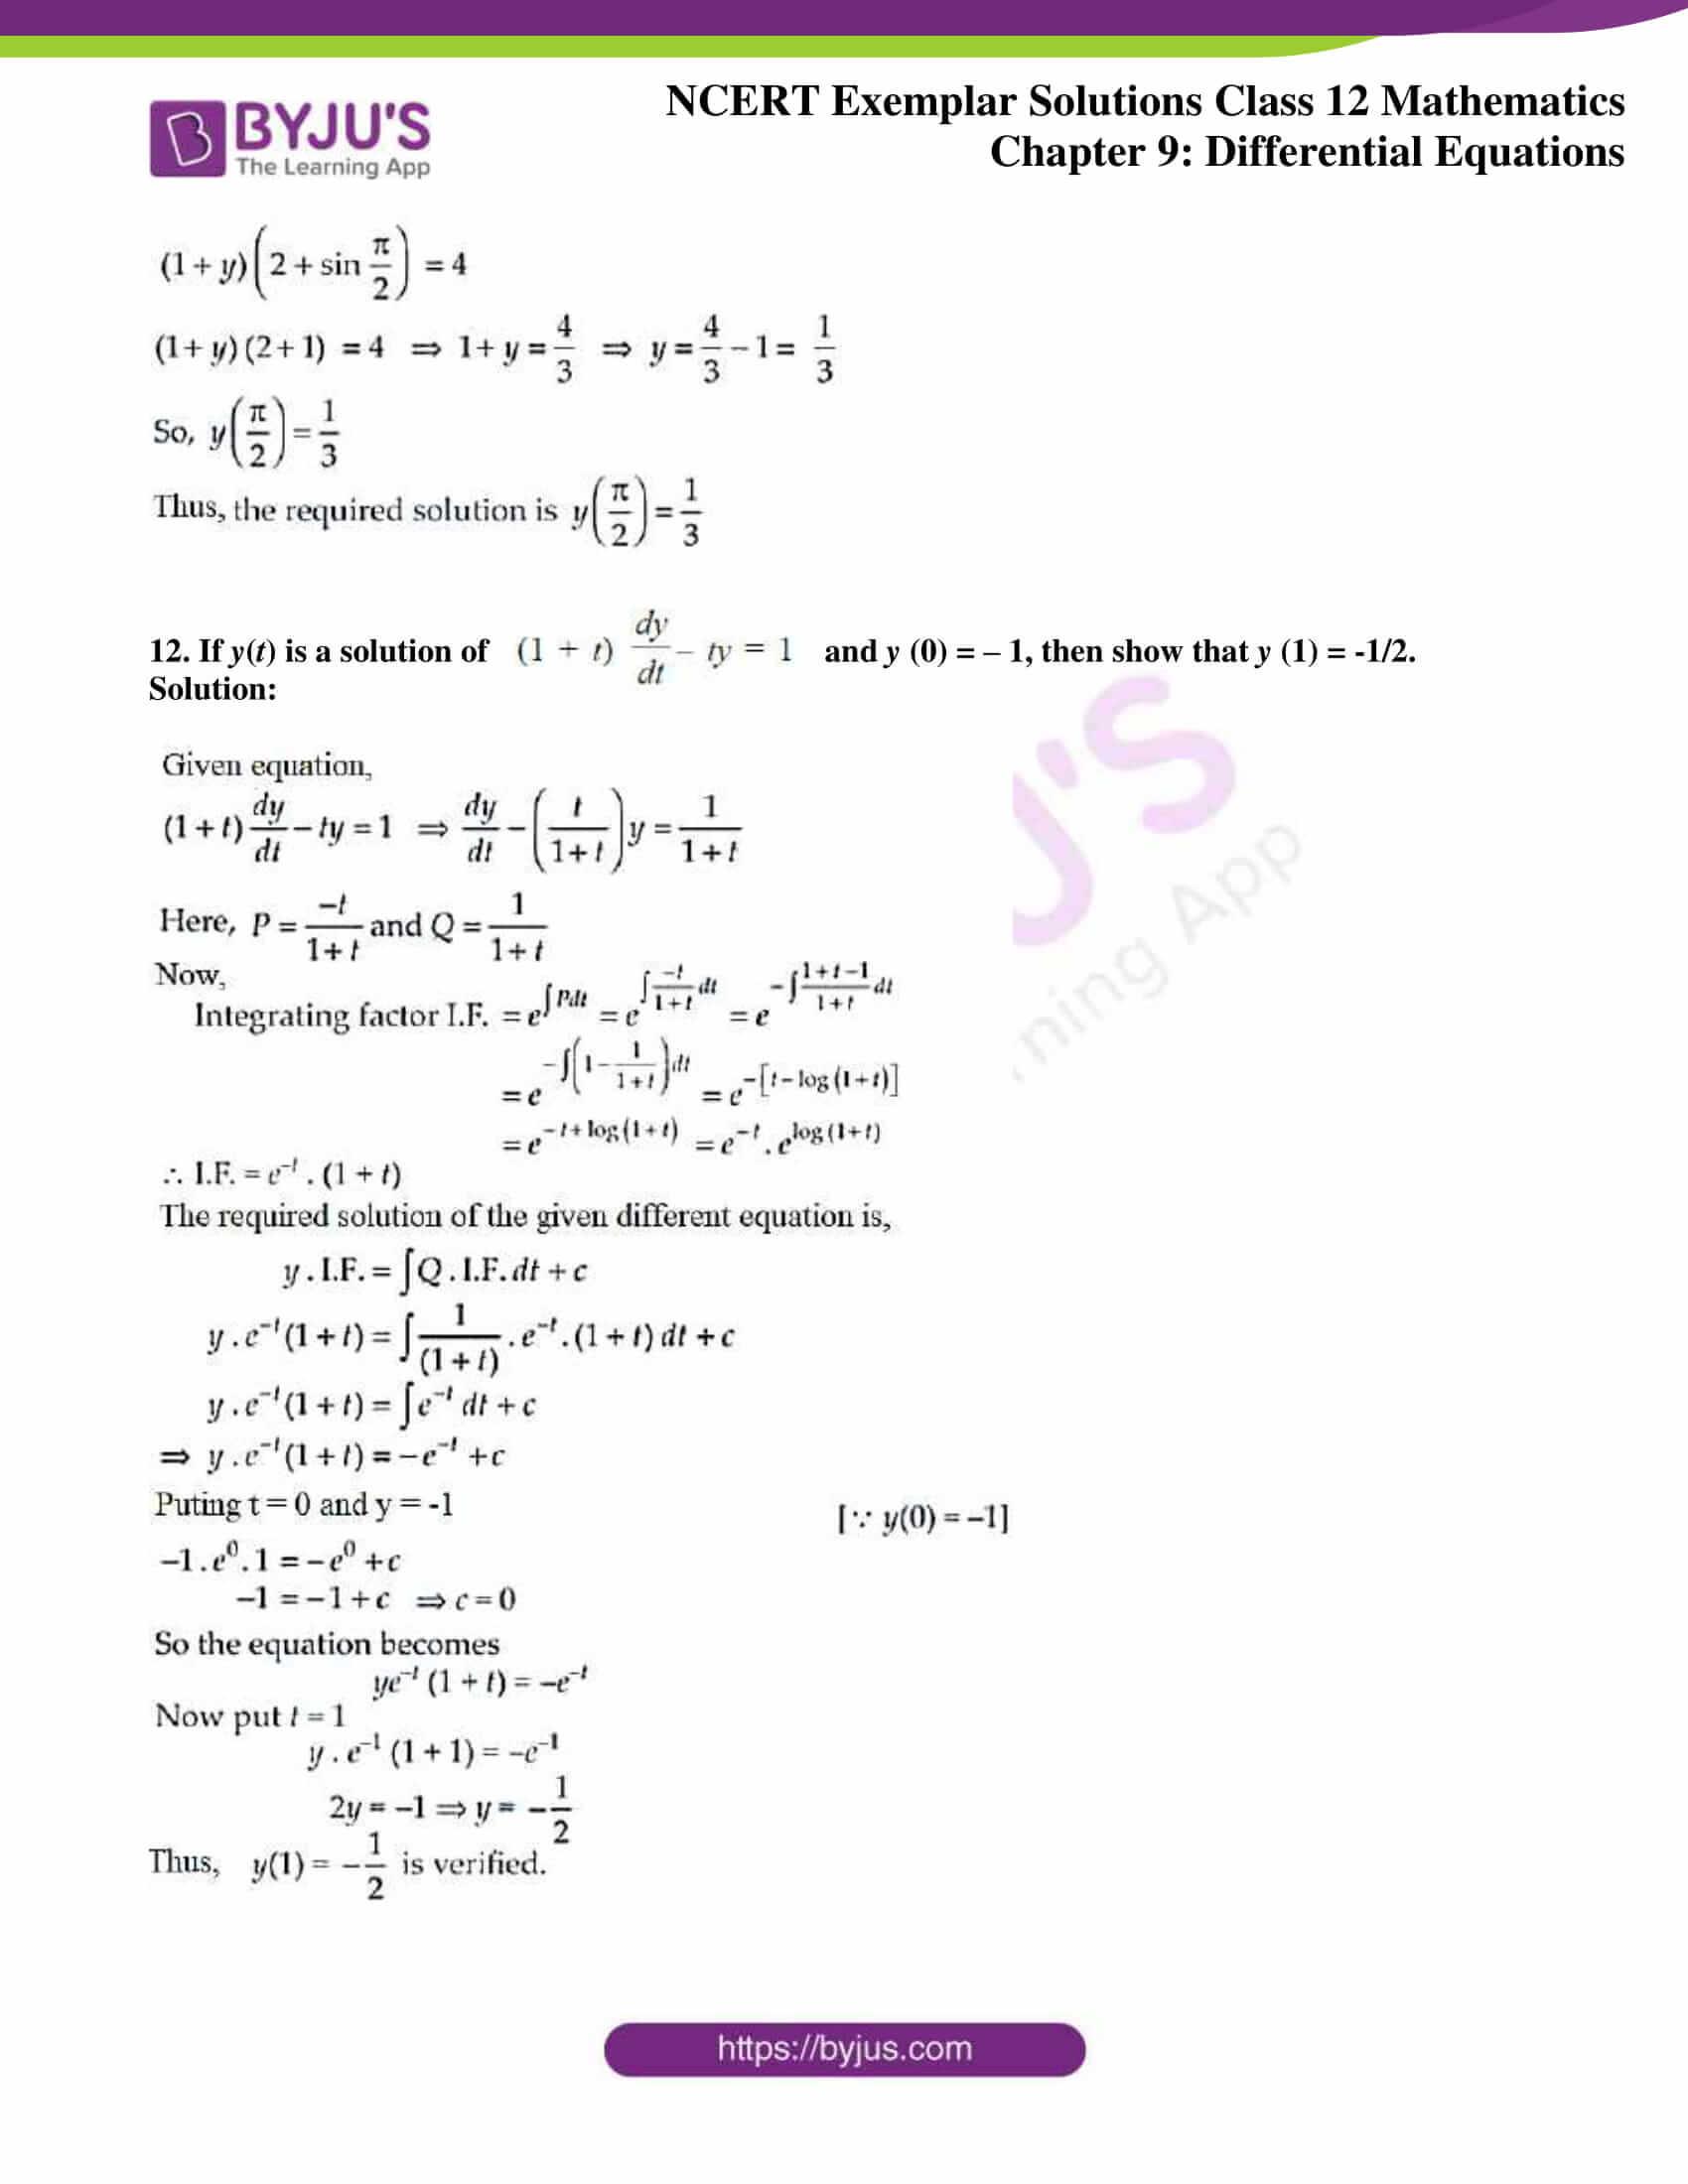 ncert exemplar sol class 12 mathematics ch 9 06